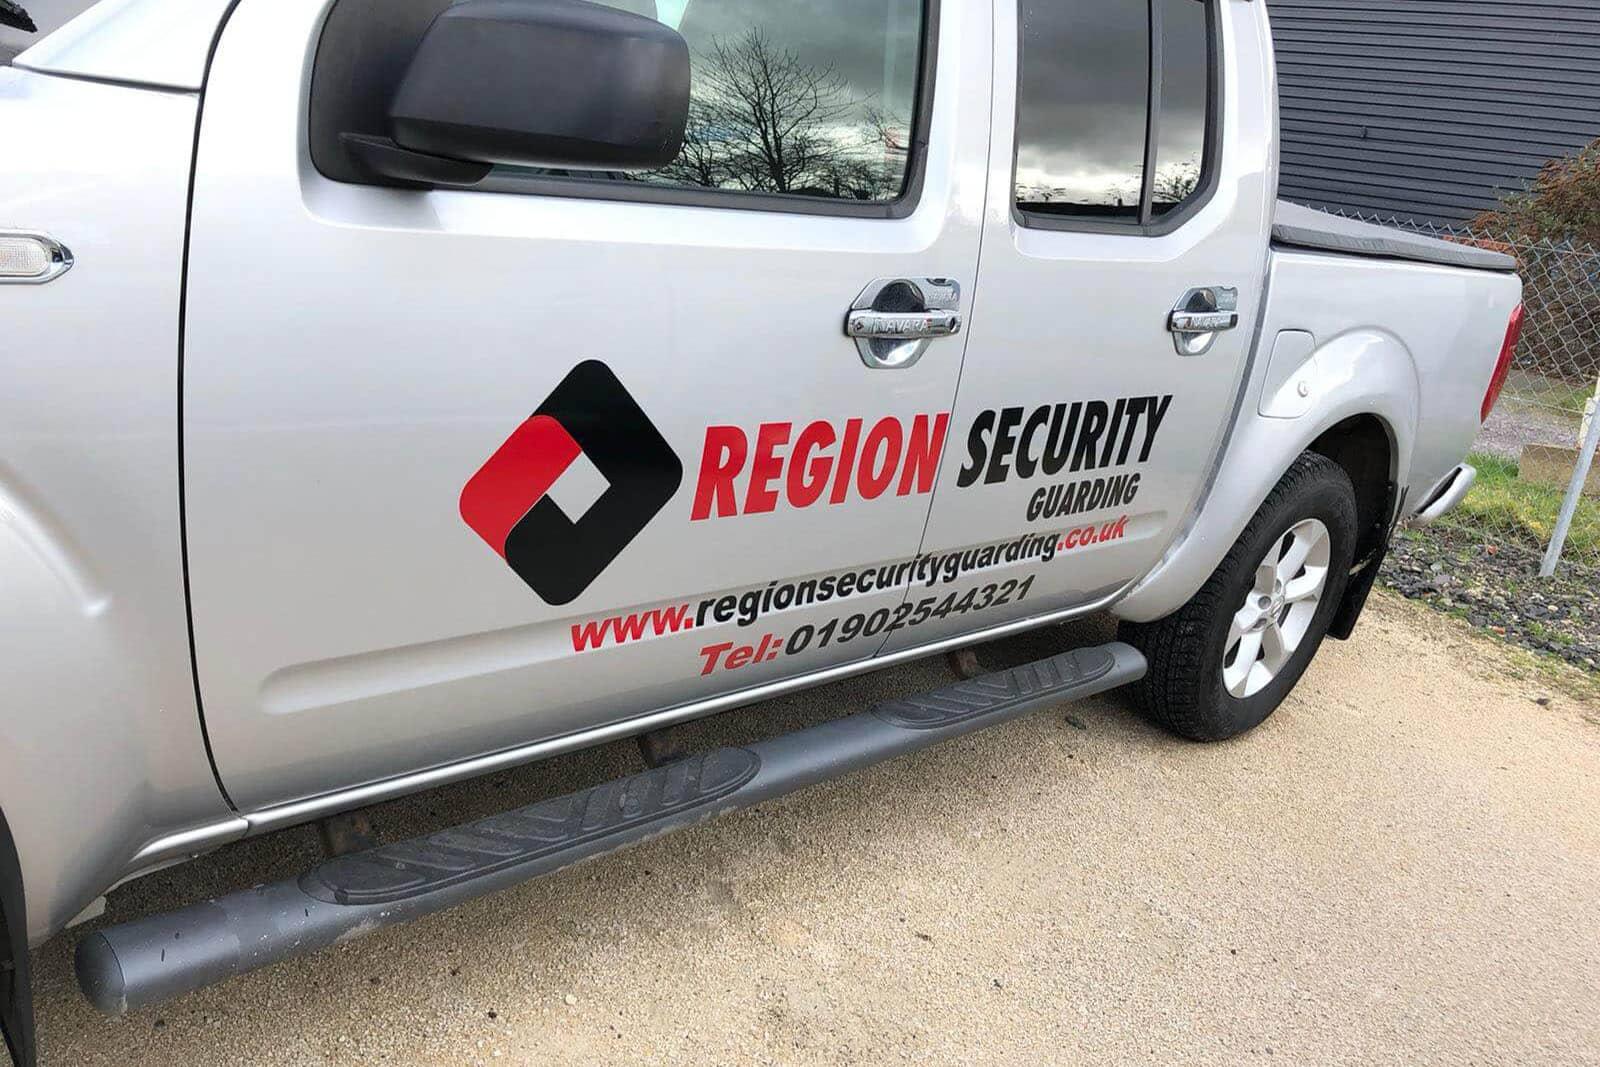 security-firms-dagenham